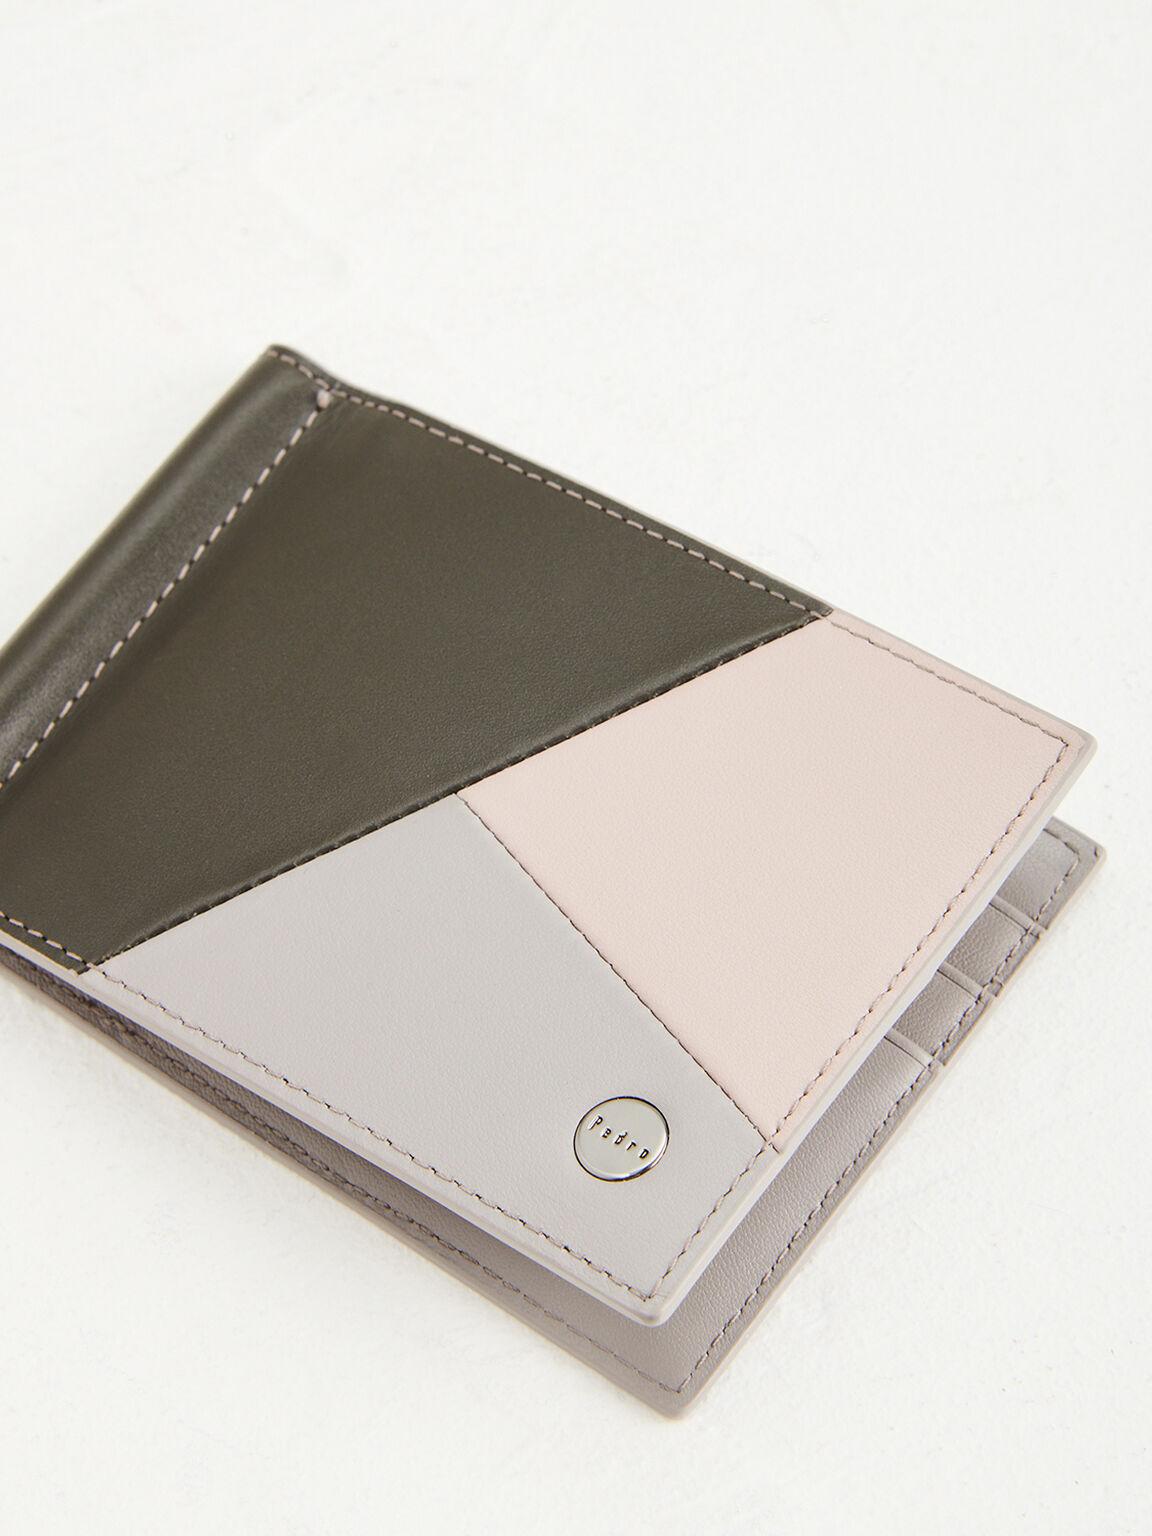 Colorblock Leather Bi-Fold Money Clip, Multi2, hi-res